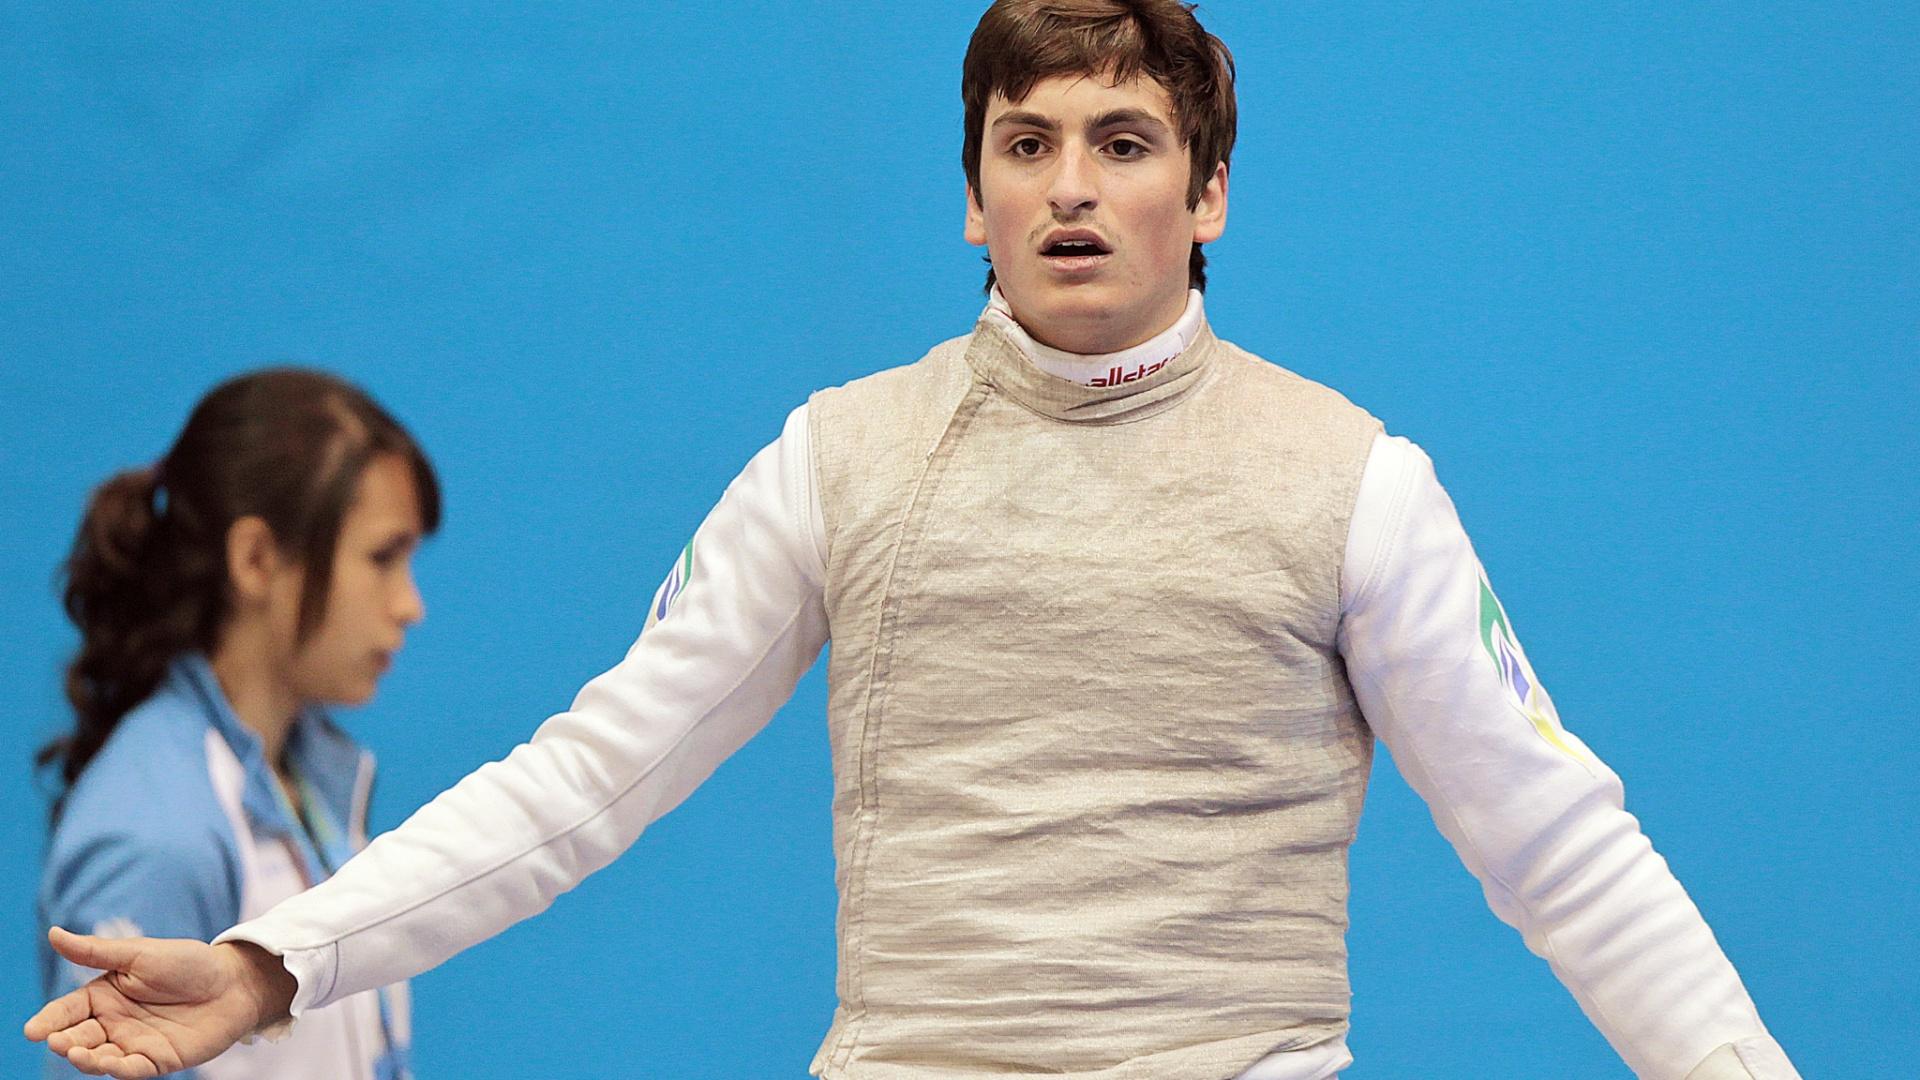 O brasileiro Guilherme Toldo conseguiu a classificação para a semifinal do florete masculino (25/10/2011)